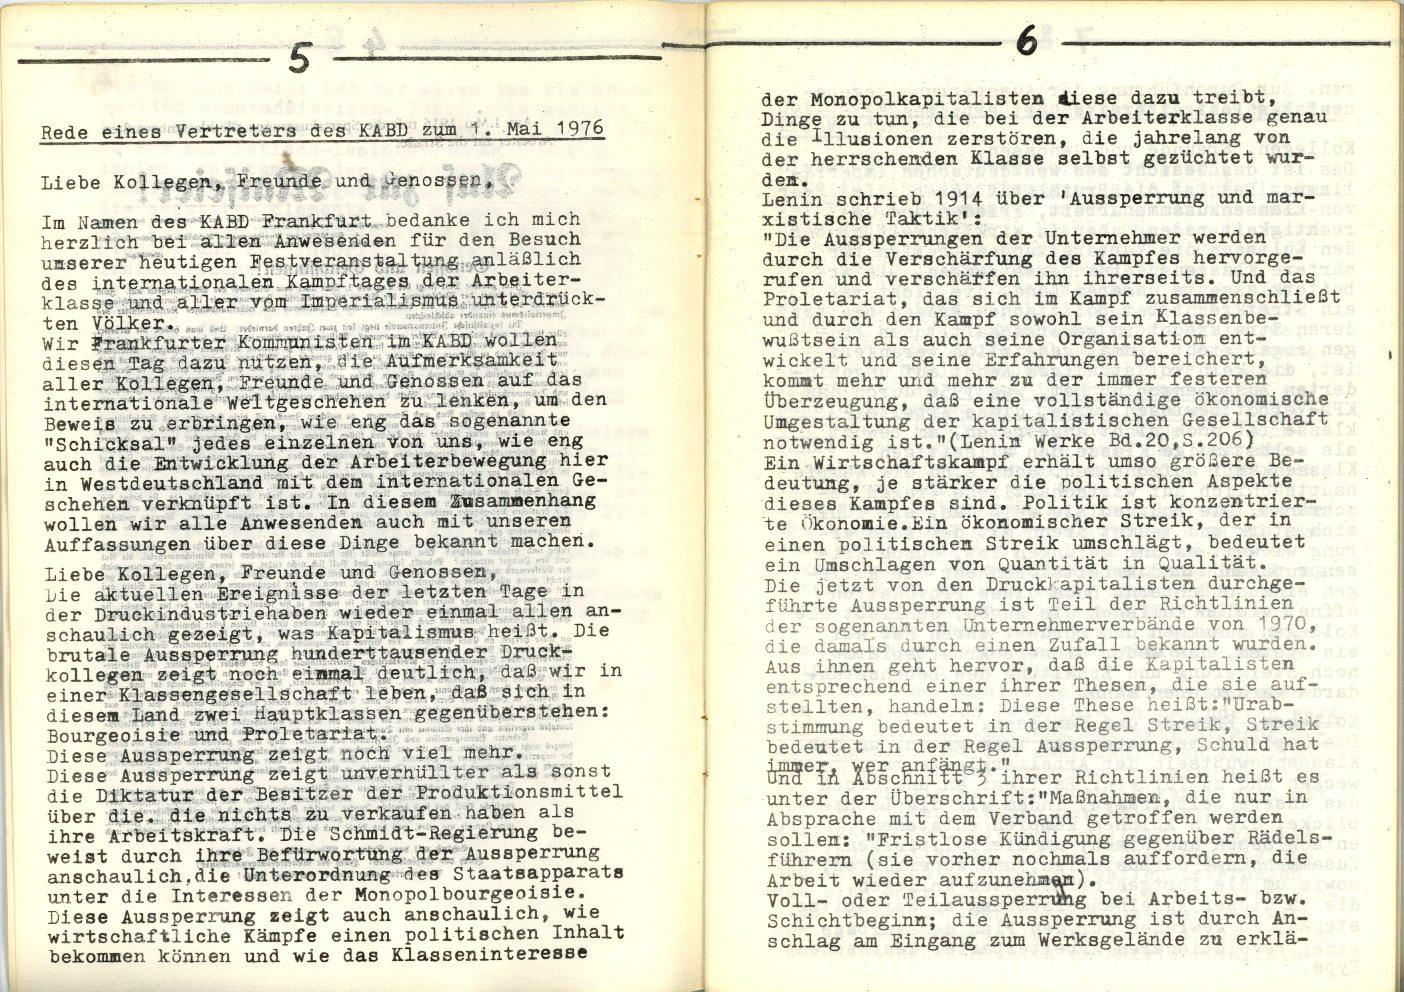 Frankfurt_KABD_zum_Ersten_Mai_1976_04